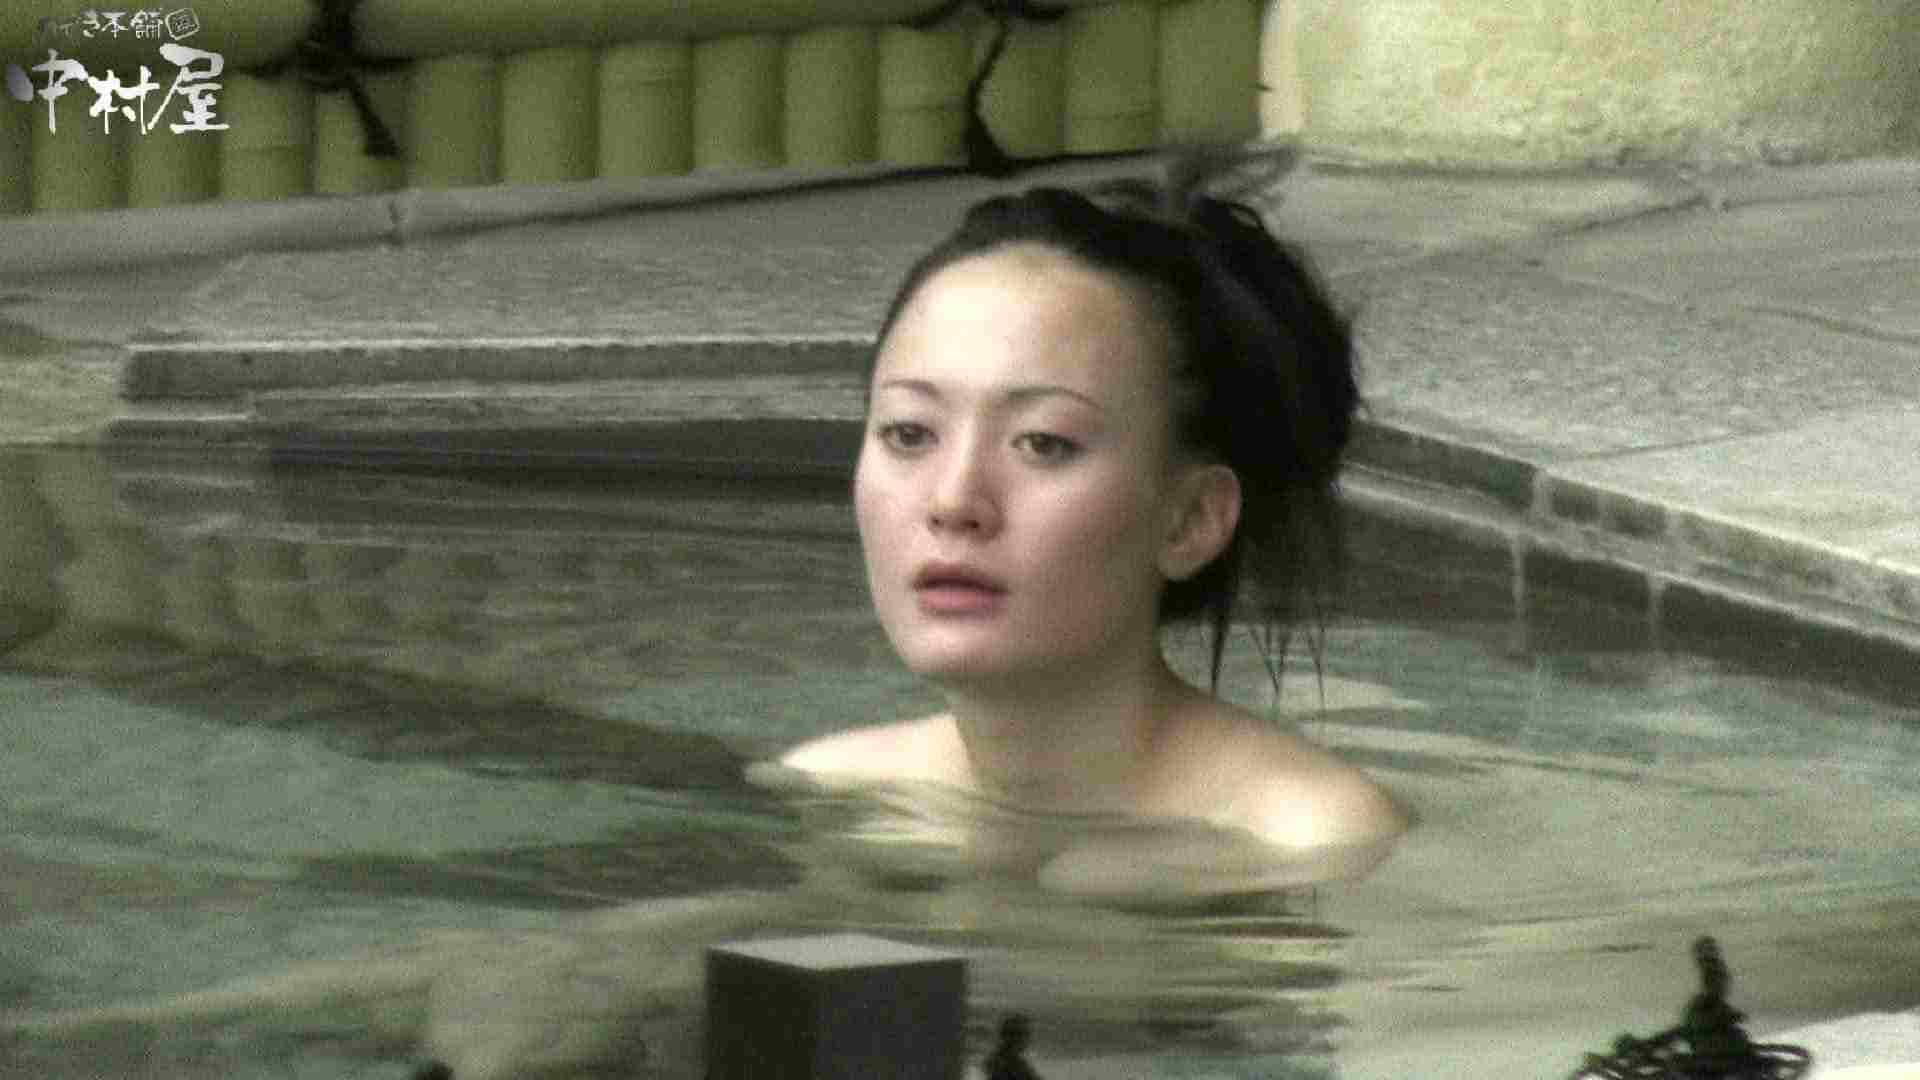 Aquaな露天風呂Vol.900 美しいOLの裸体  86pic 48